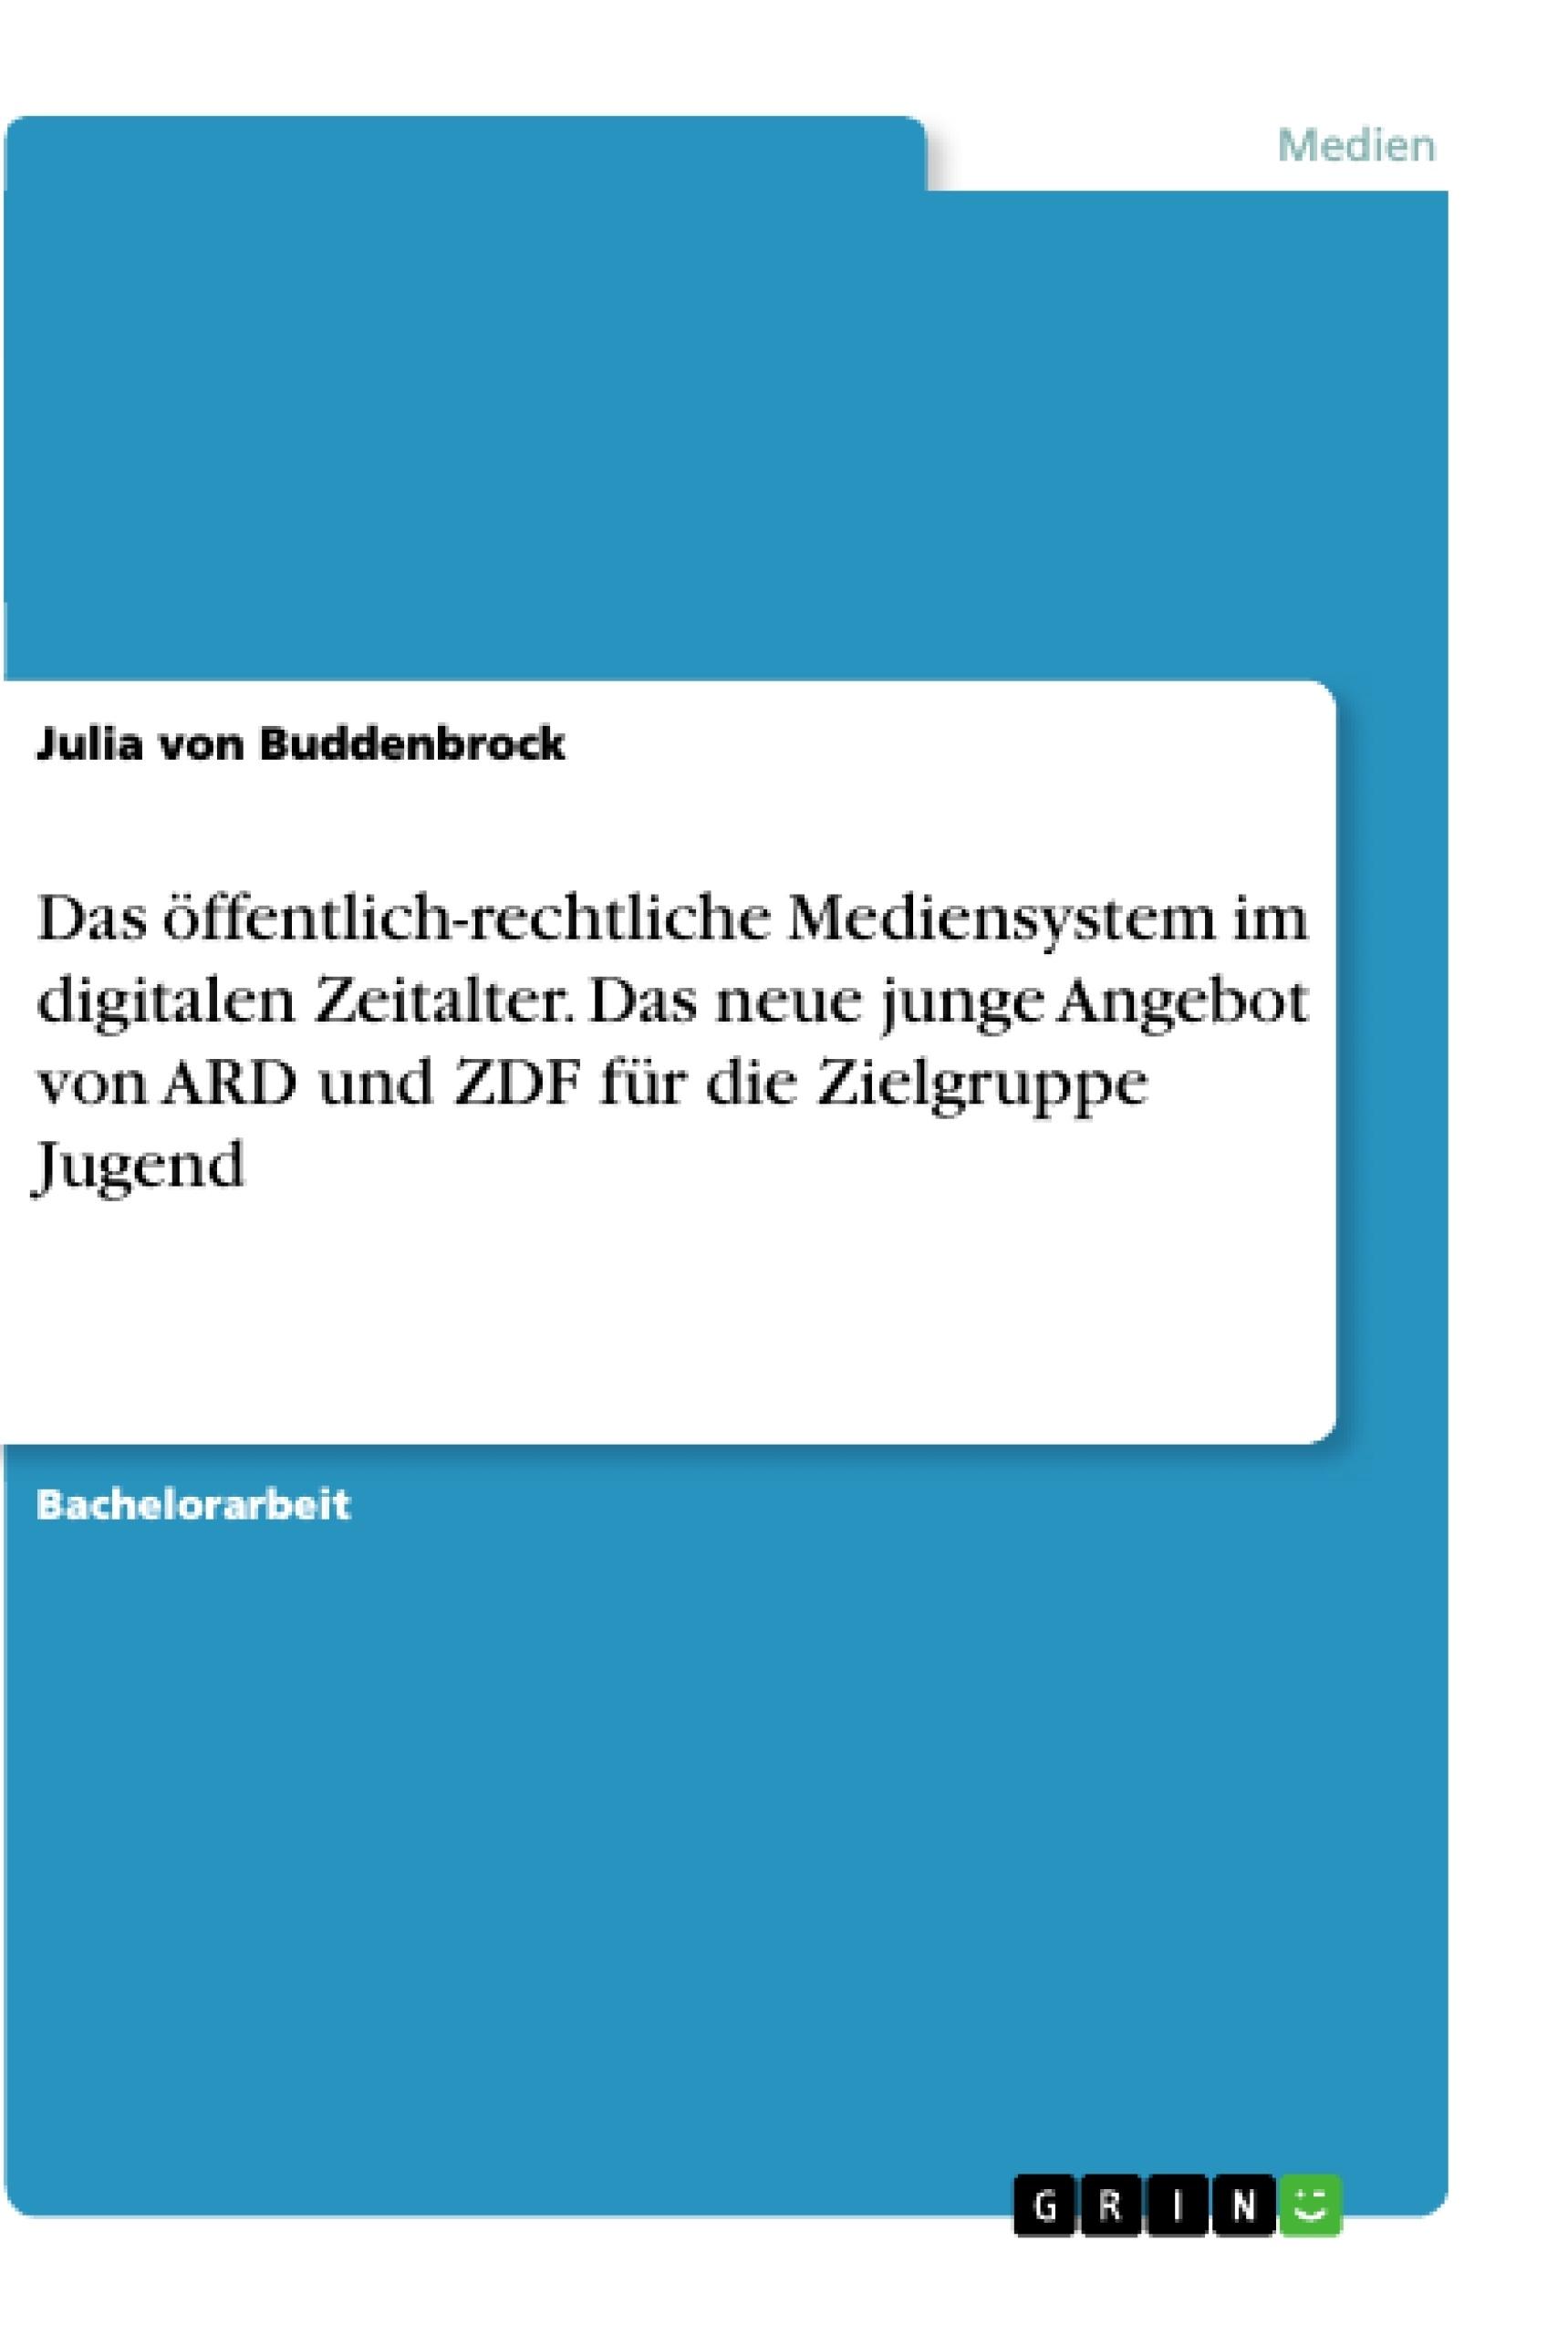 Titel: Das öffentlich-rechtliche Mediensystem im digitalen Zeitalter. Das neue junge Angebot von ARD und ZDF für die Zielgruppe Jugend